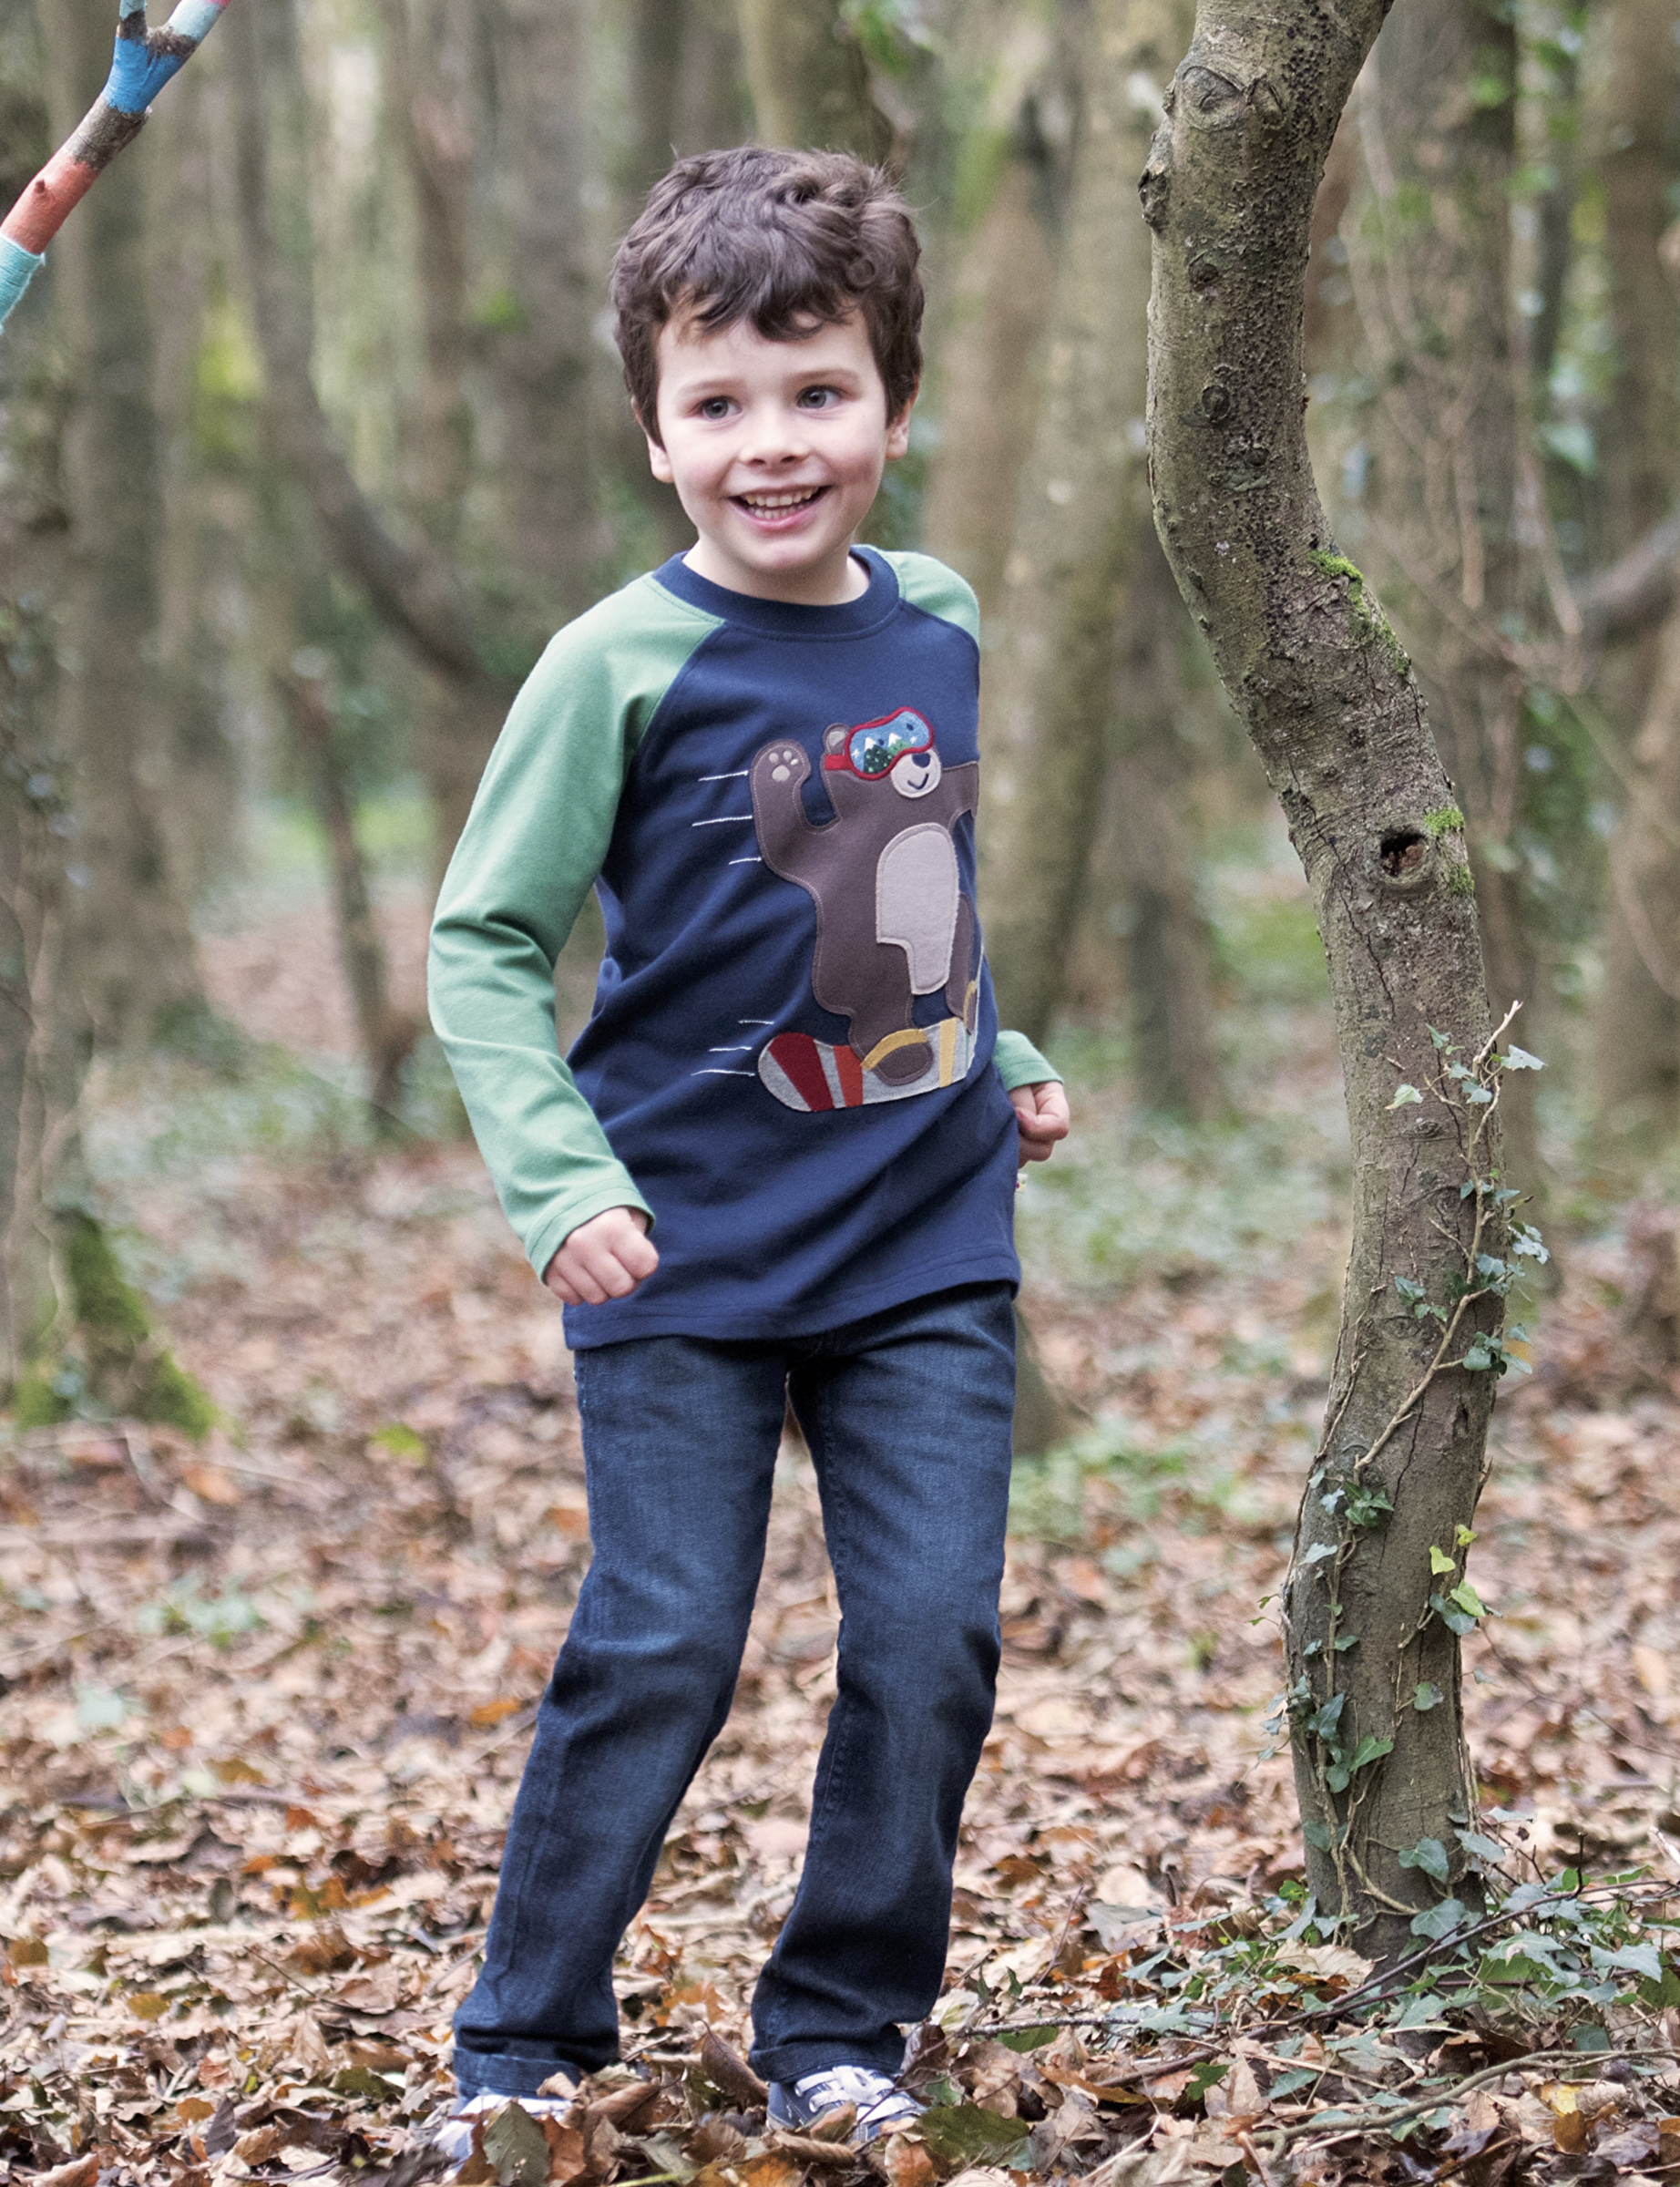 kidswear-designer-cornwall-frugi22.png